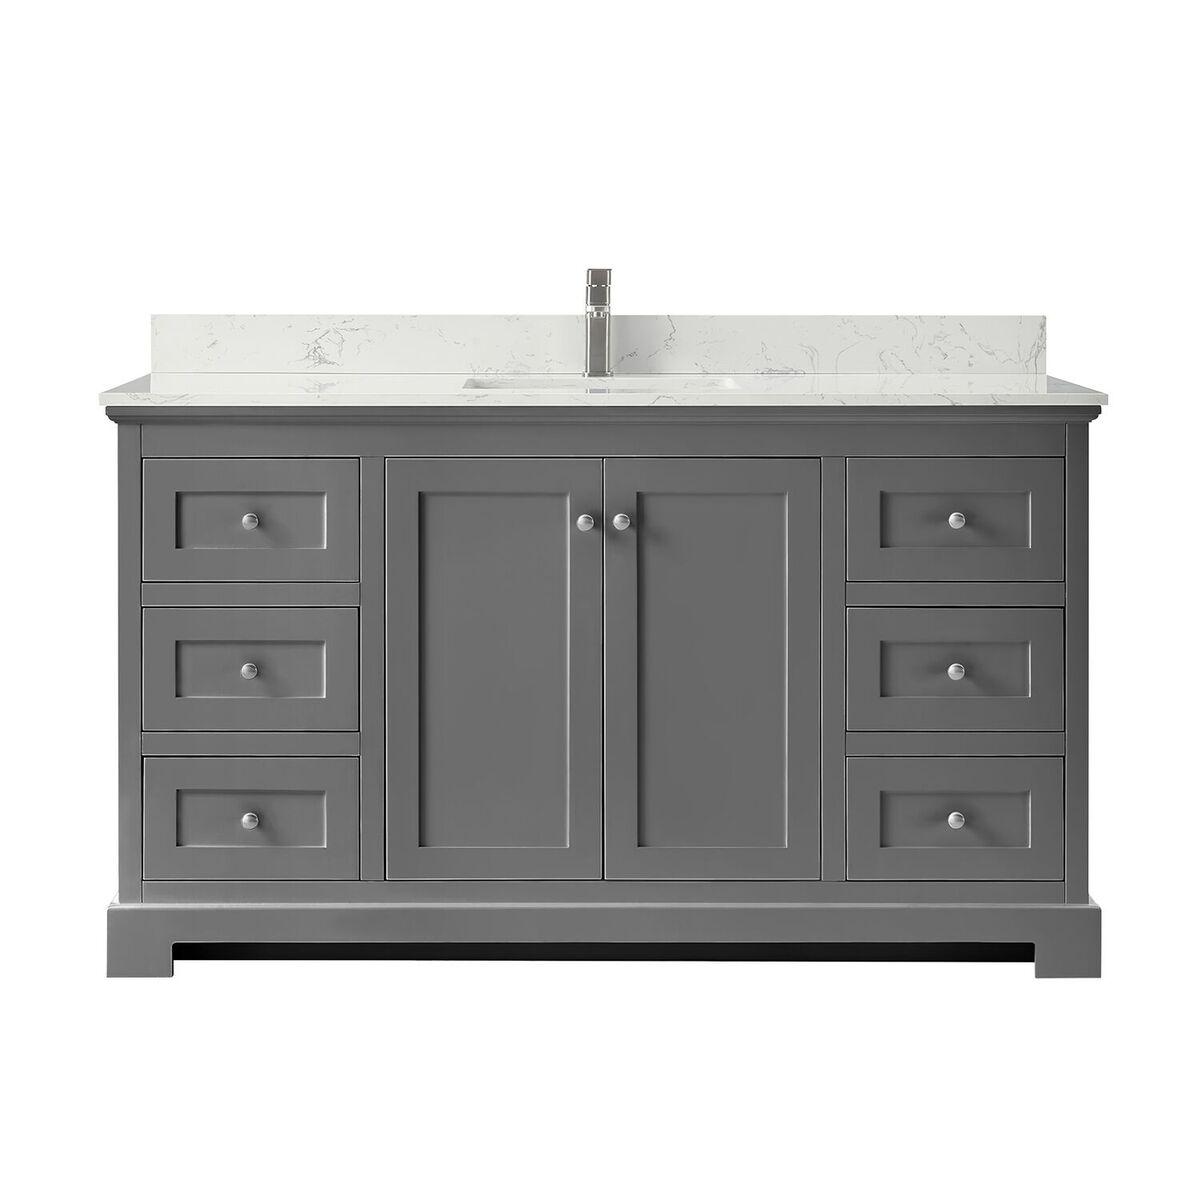 """60"""" Single Bathroom Vanity in Dark Gray, Carrara Cultured Marble Countertop, Undermount Square Sink, No Mirror"""